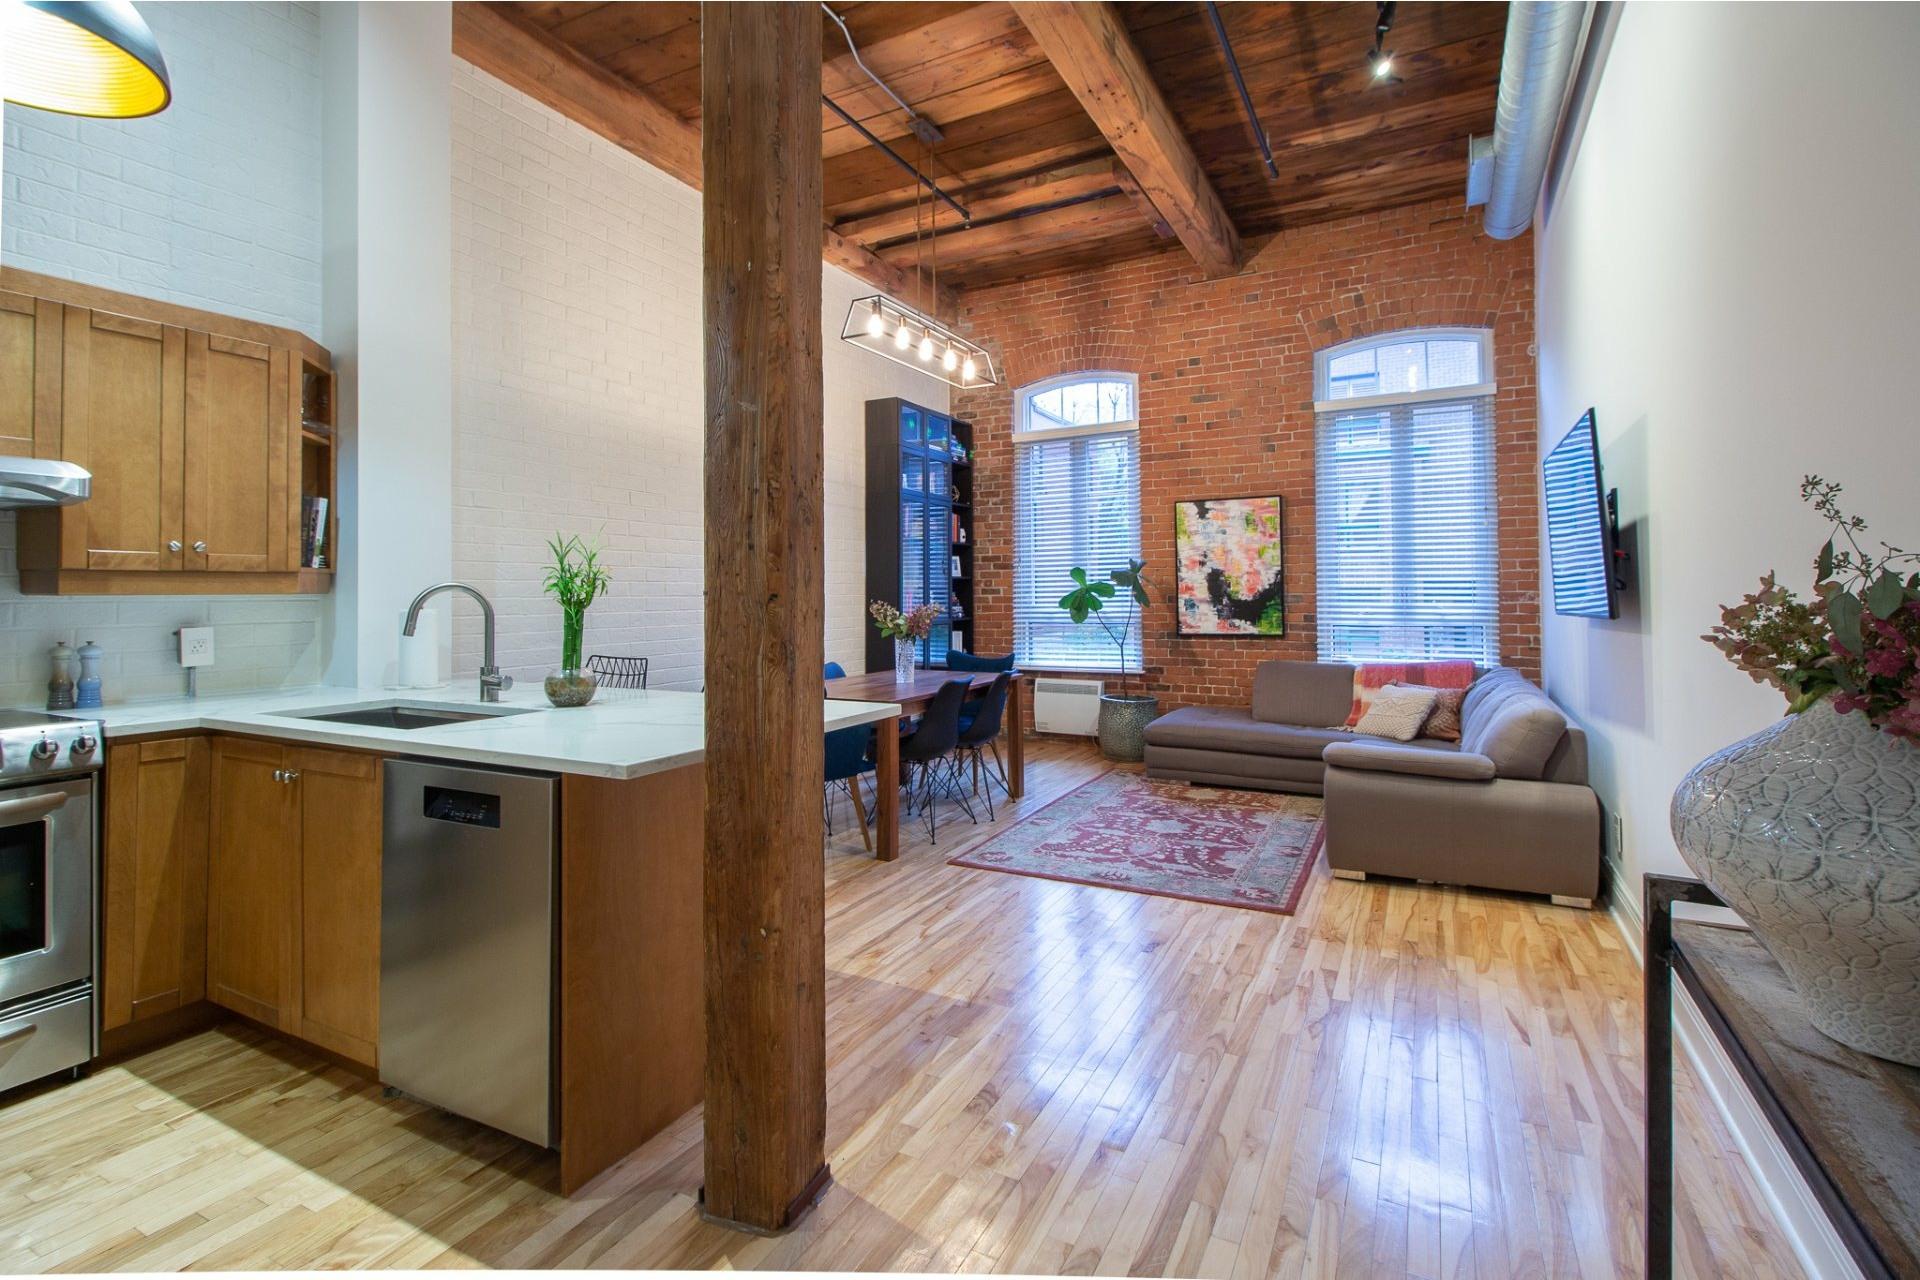 image 14 - Appartement À vendre Le Sud-Ouest Montréal  - 3 pièces